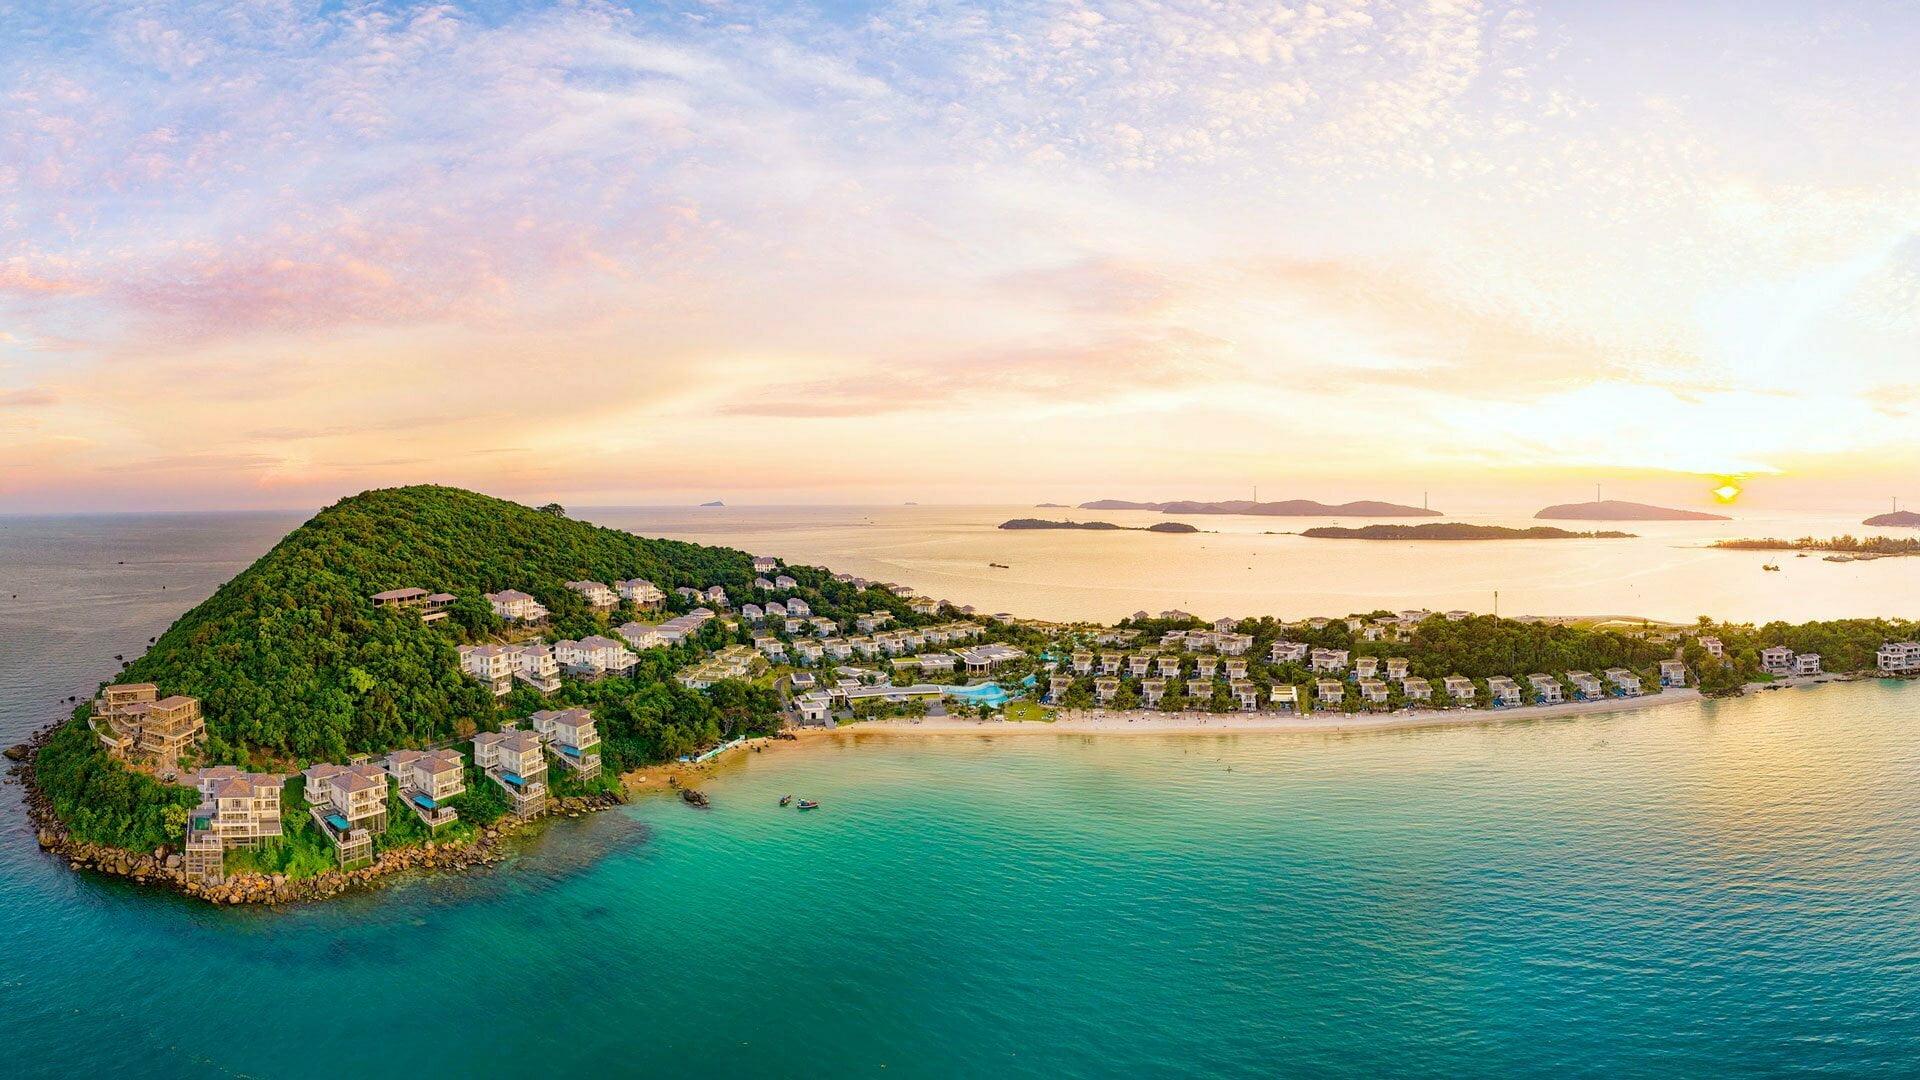 Đảo Ngọc Phú Quốc đứng đầu dang sách 5 địa điểm của Việt nam và đứng vị trí thứ 7/25